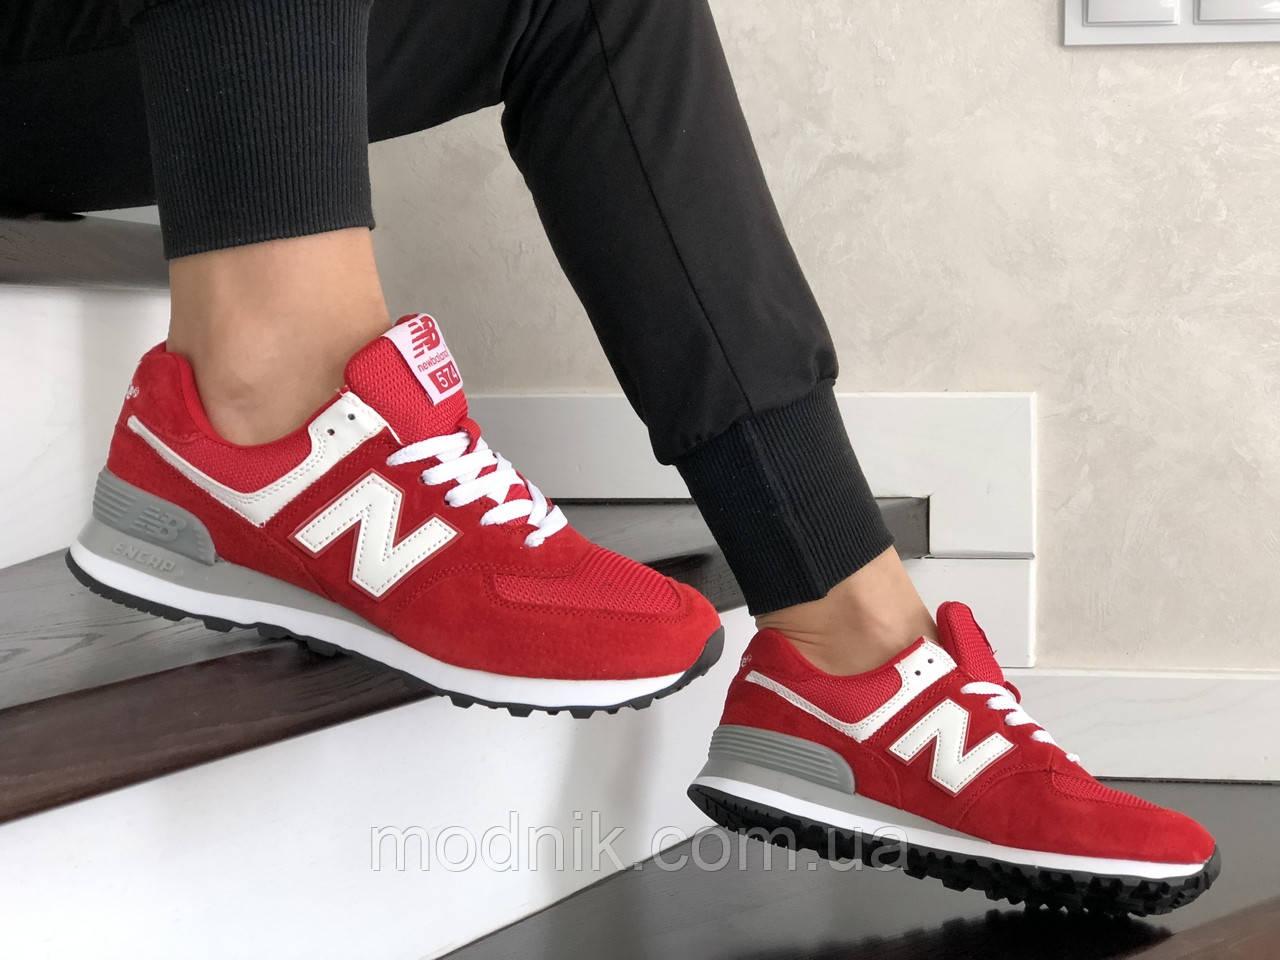 Женские замшевые кроссовки New Balance 574 (красно-белые) 9317